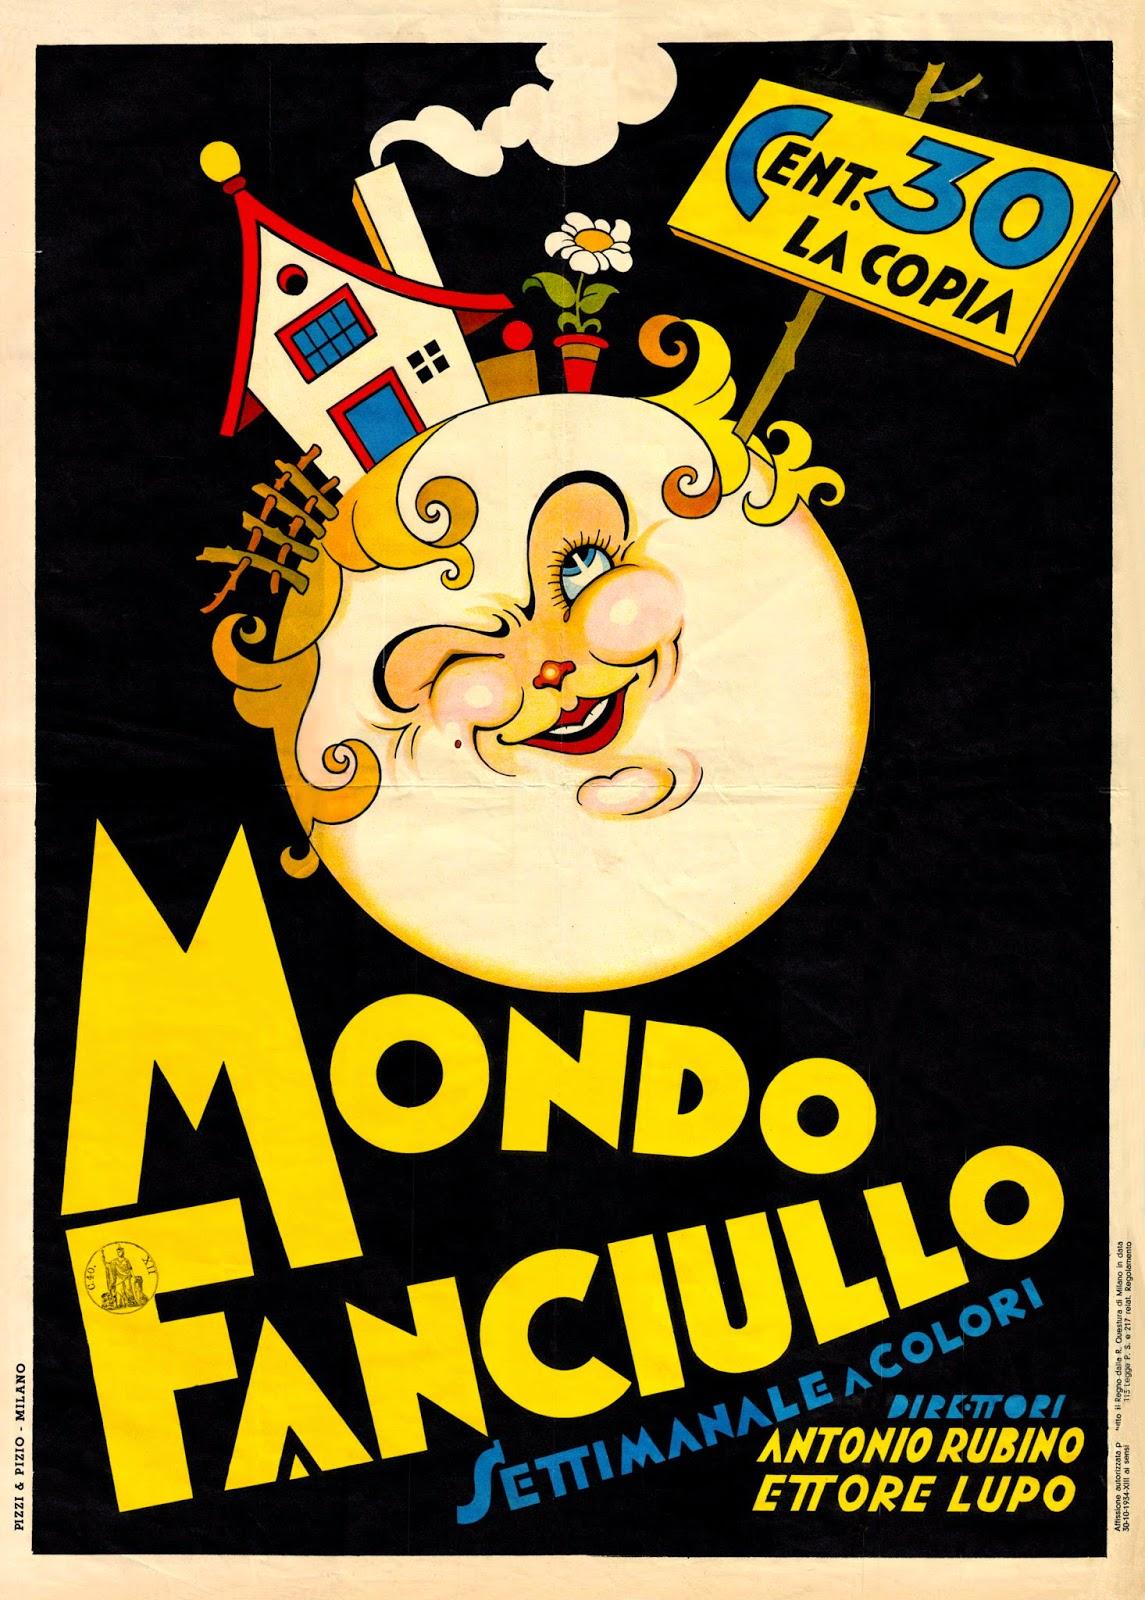 Rubino: locandina pubblicitaria di Mondo Fanciullo, 1934